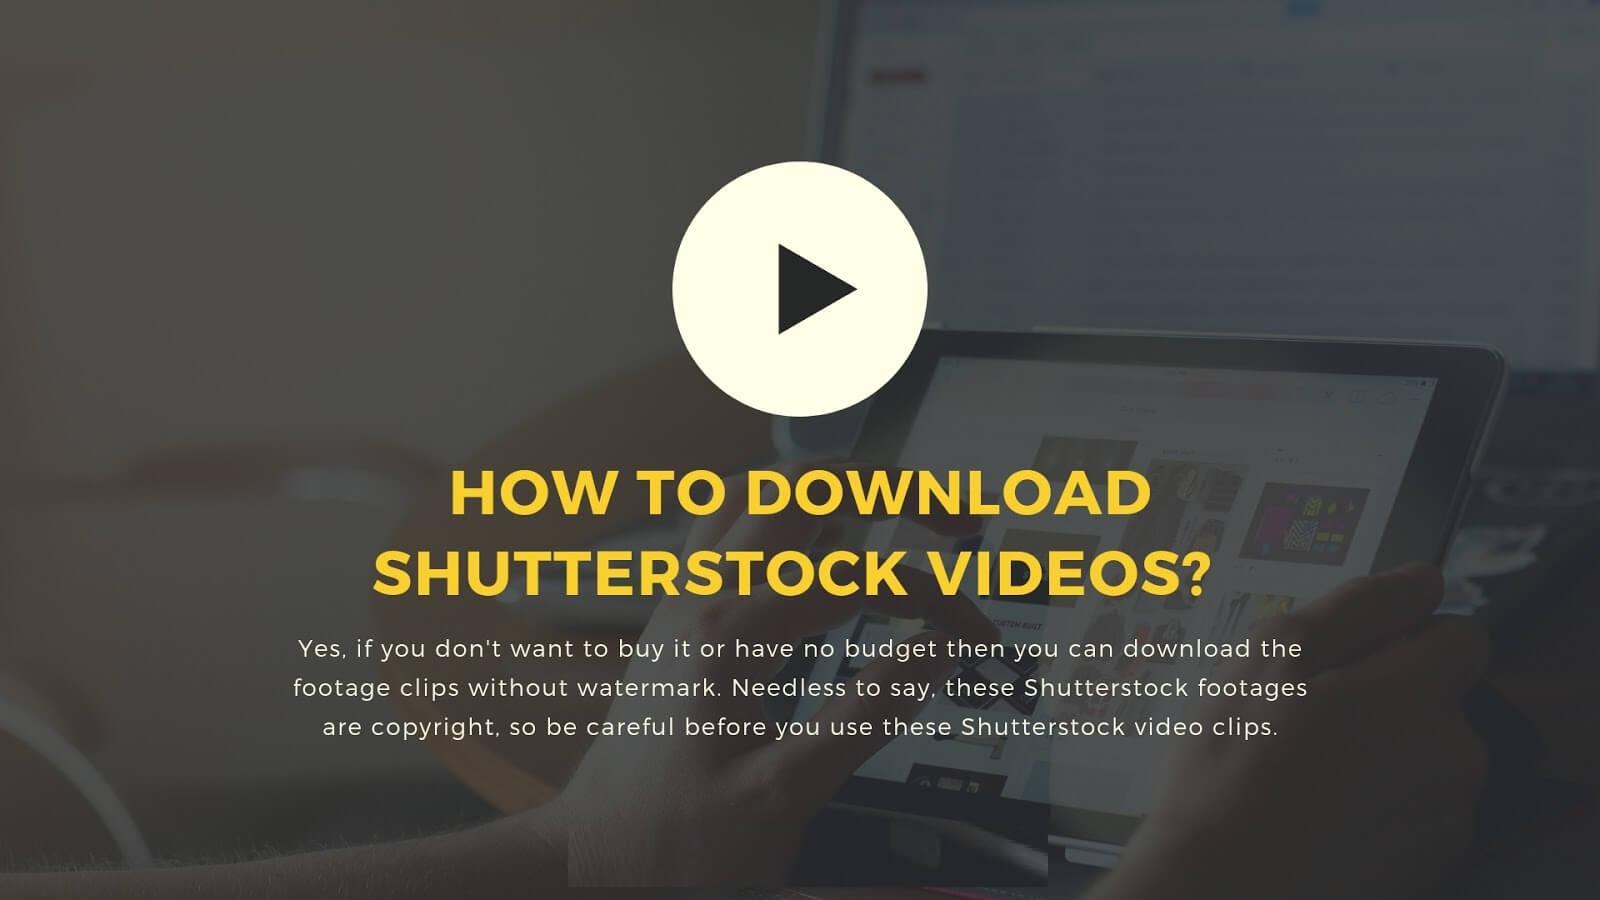 Nola deskargatu doako bideoak Shutterstock-etik?  - Lan egiteko metodoa